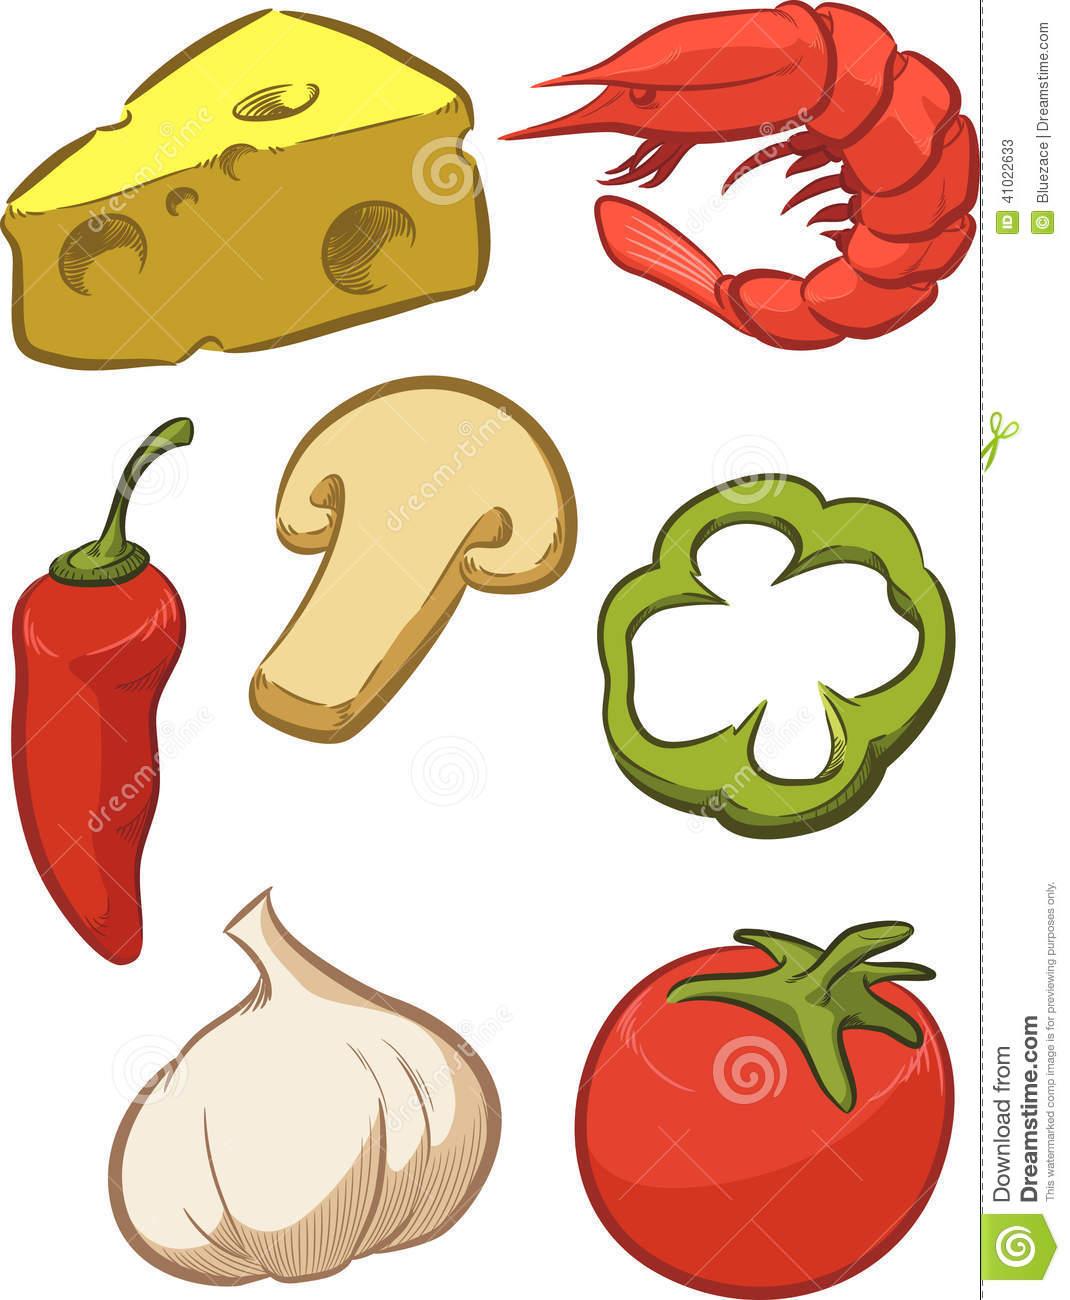 Pizza Ingredient - Tomato .